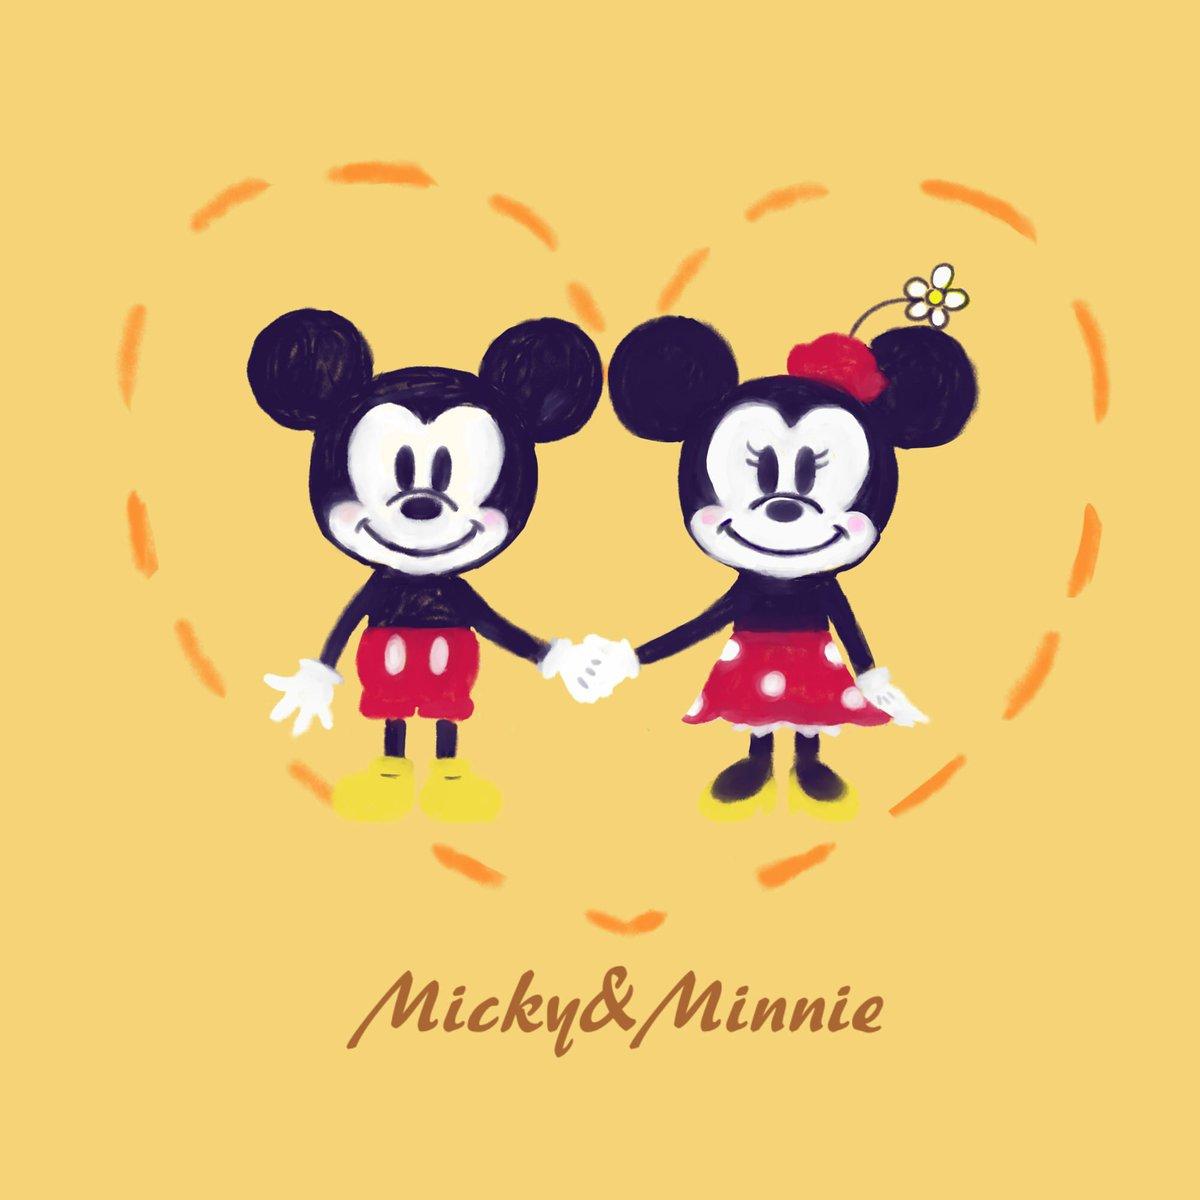 仲良しのミッキーとミニー🧡  ディズニーのイラスト描いてみたかったんです🥺  #disney  #illustration #micky #minnie #ミッキー #ミニー #イラスト